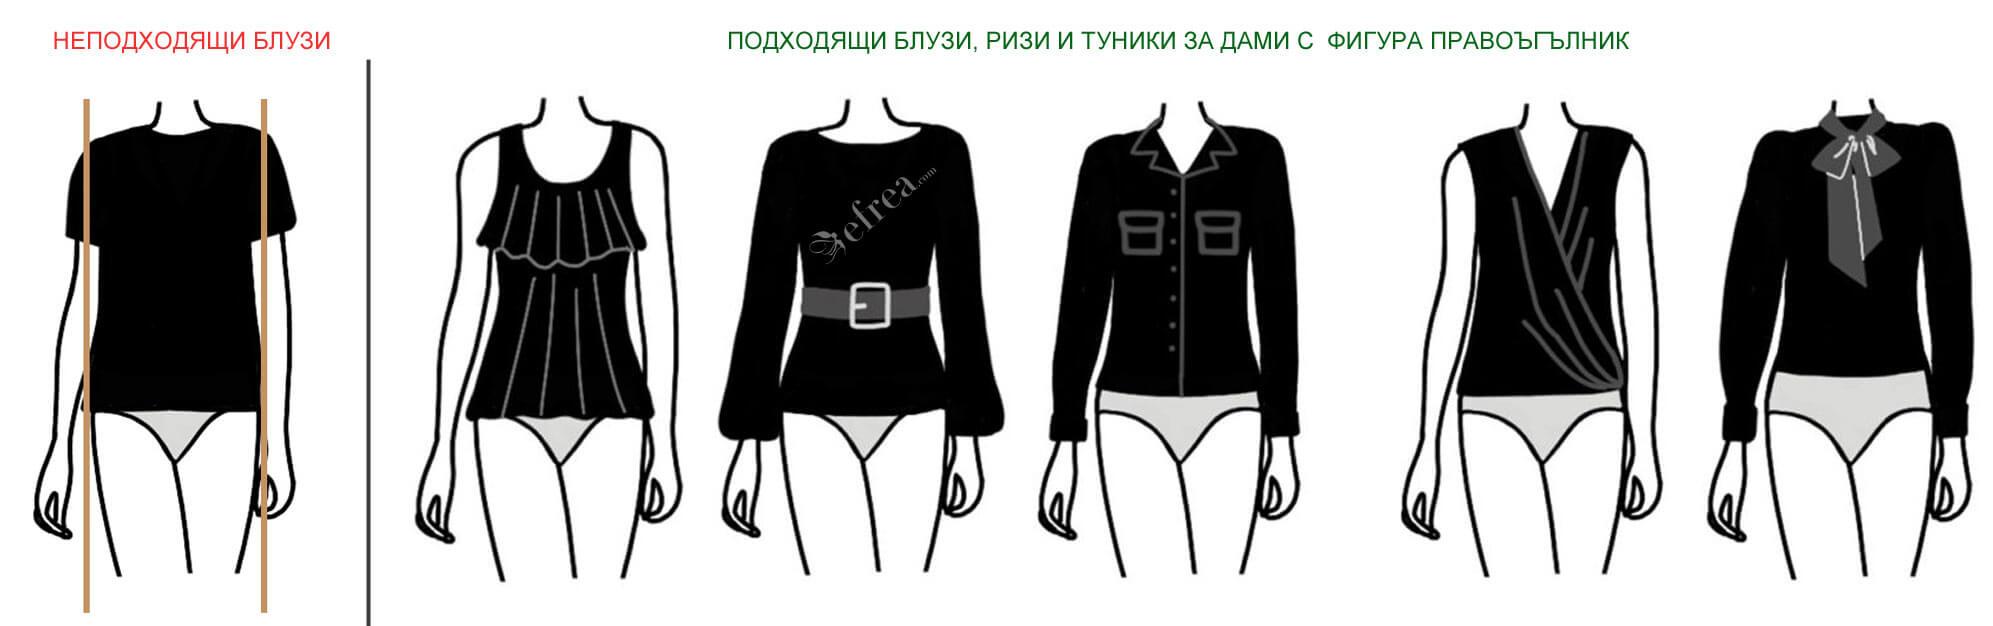 Вижте кои са най-подходящите дамски блузи, ризи и туники за дами фигура тип правоъгълник или банан